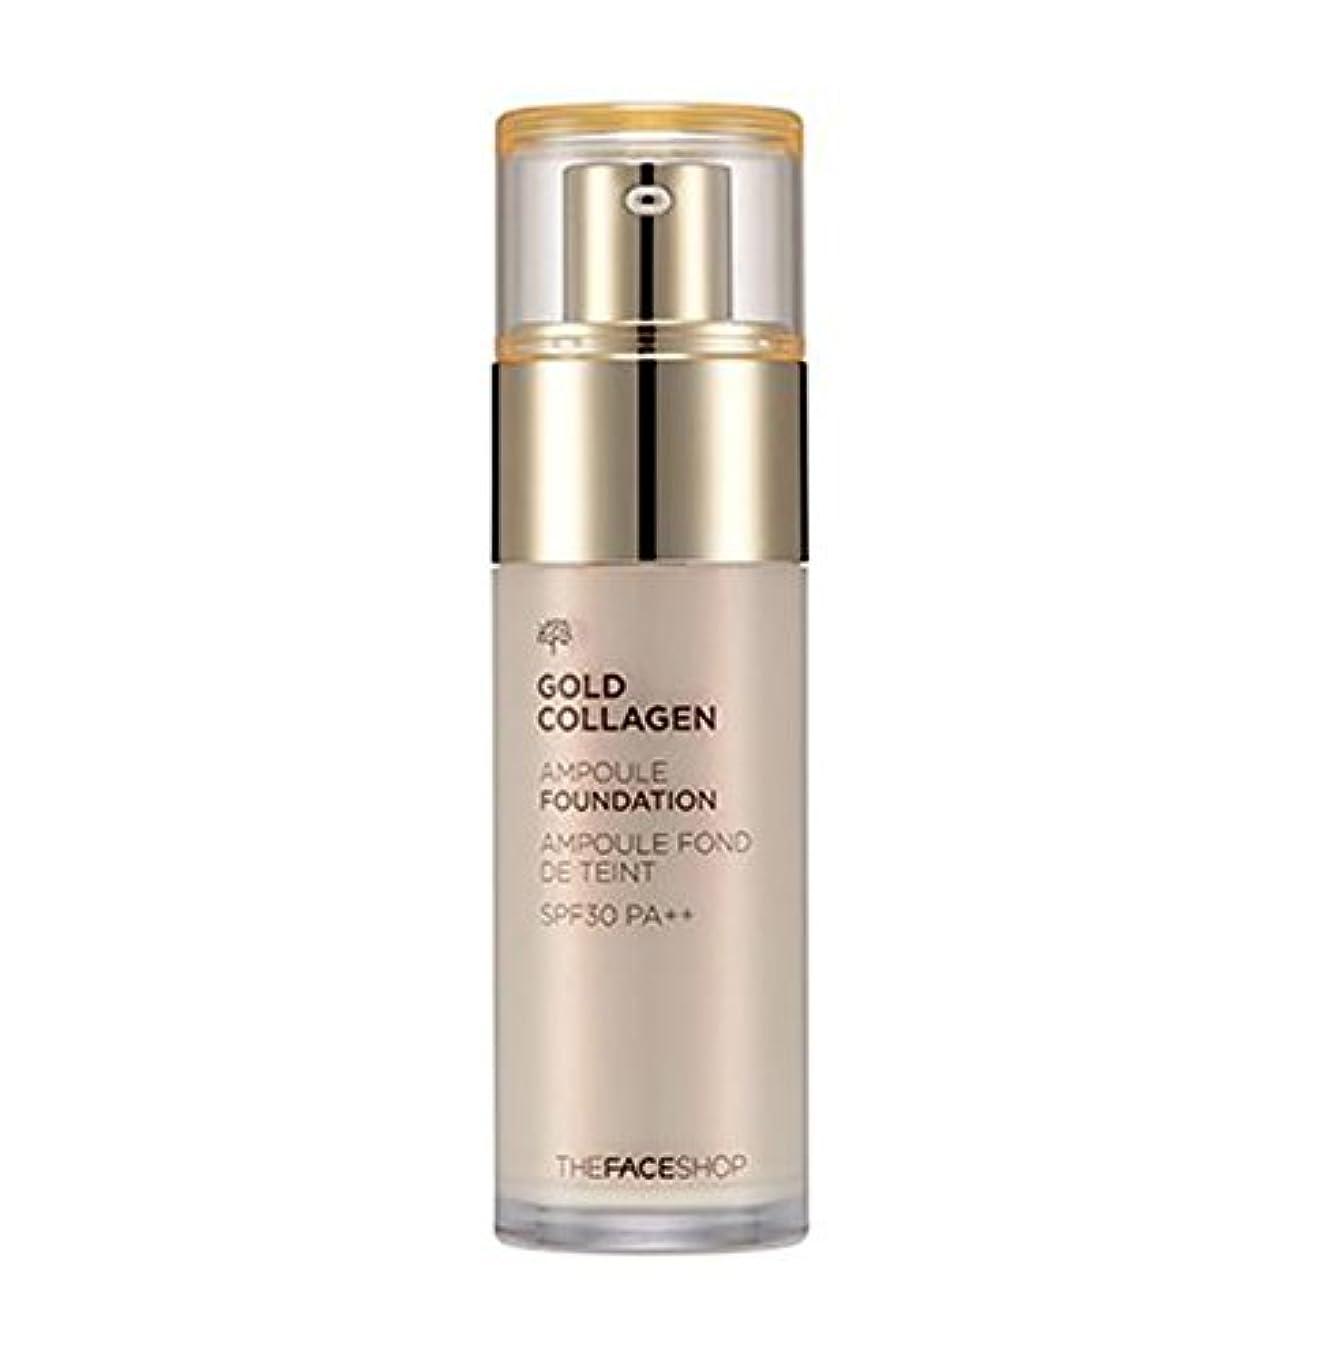 再発するラショナル豊かな.ザ·フェイスショップ ゴールドコラーゲンアンプルファンデーションSPF30 PA +++ 40ml The Face Shop Gold Collagen Ampoule Foundation [海外直送品] (V201 アプリコットベージュ)